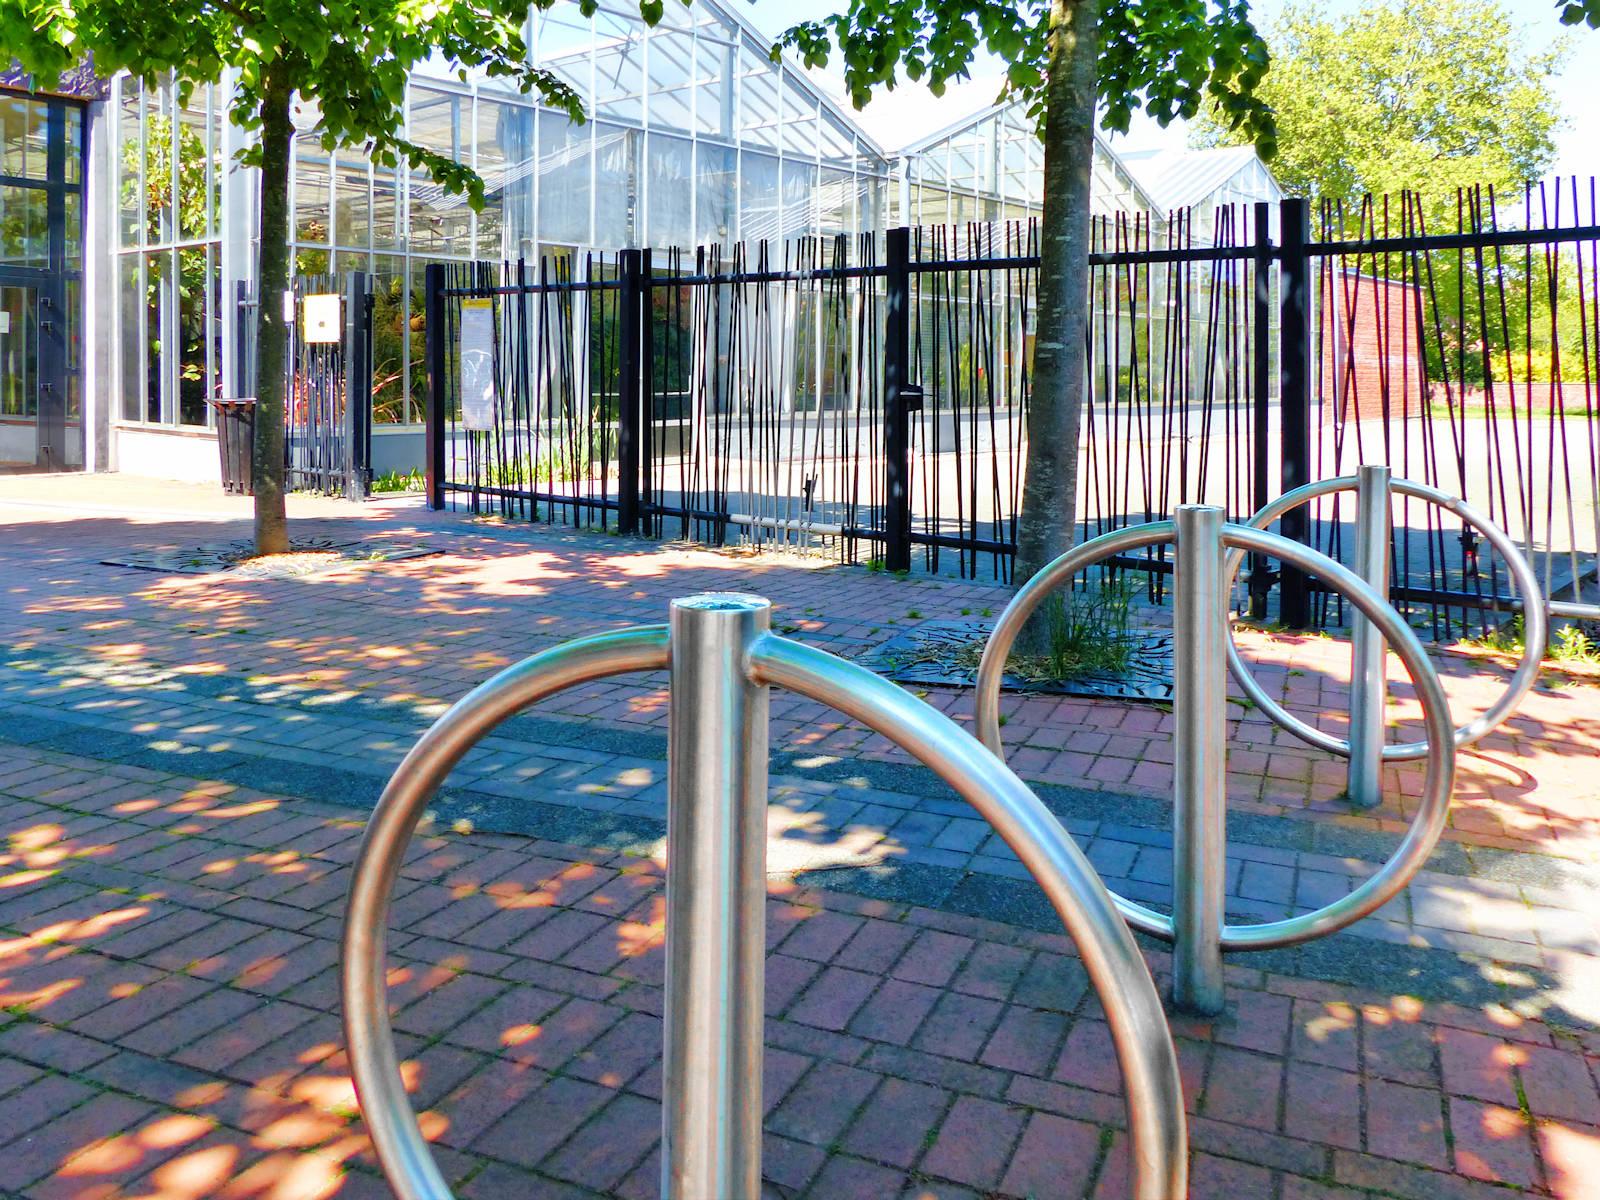 Jardin Botanique, Tourcoing - Garage à Vélos